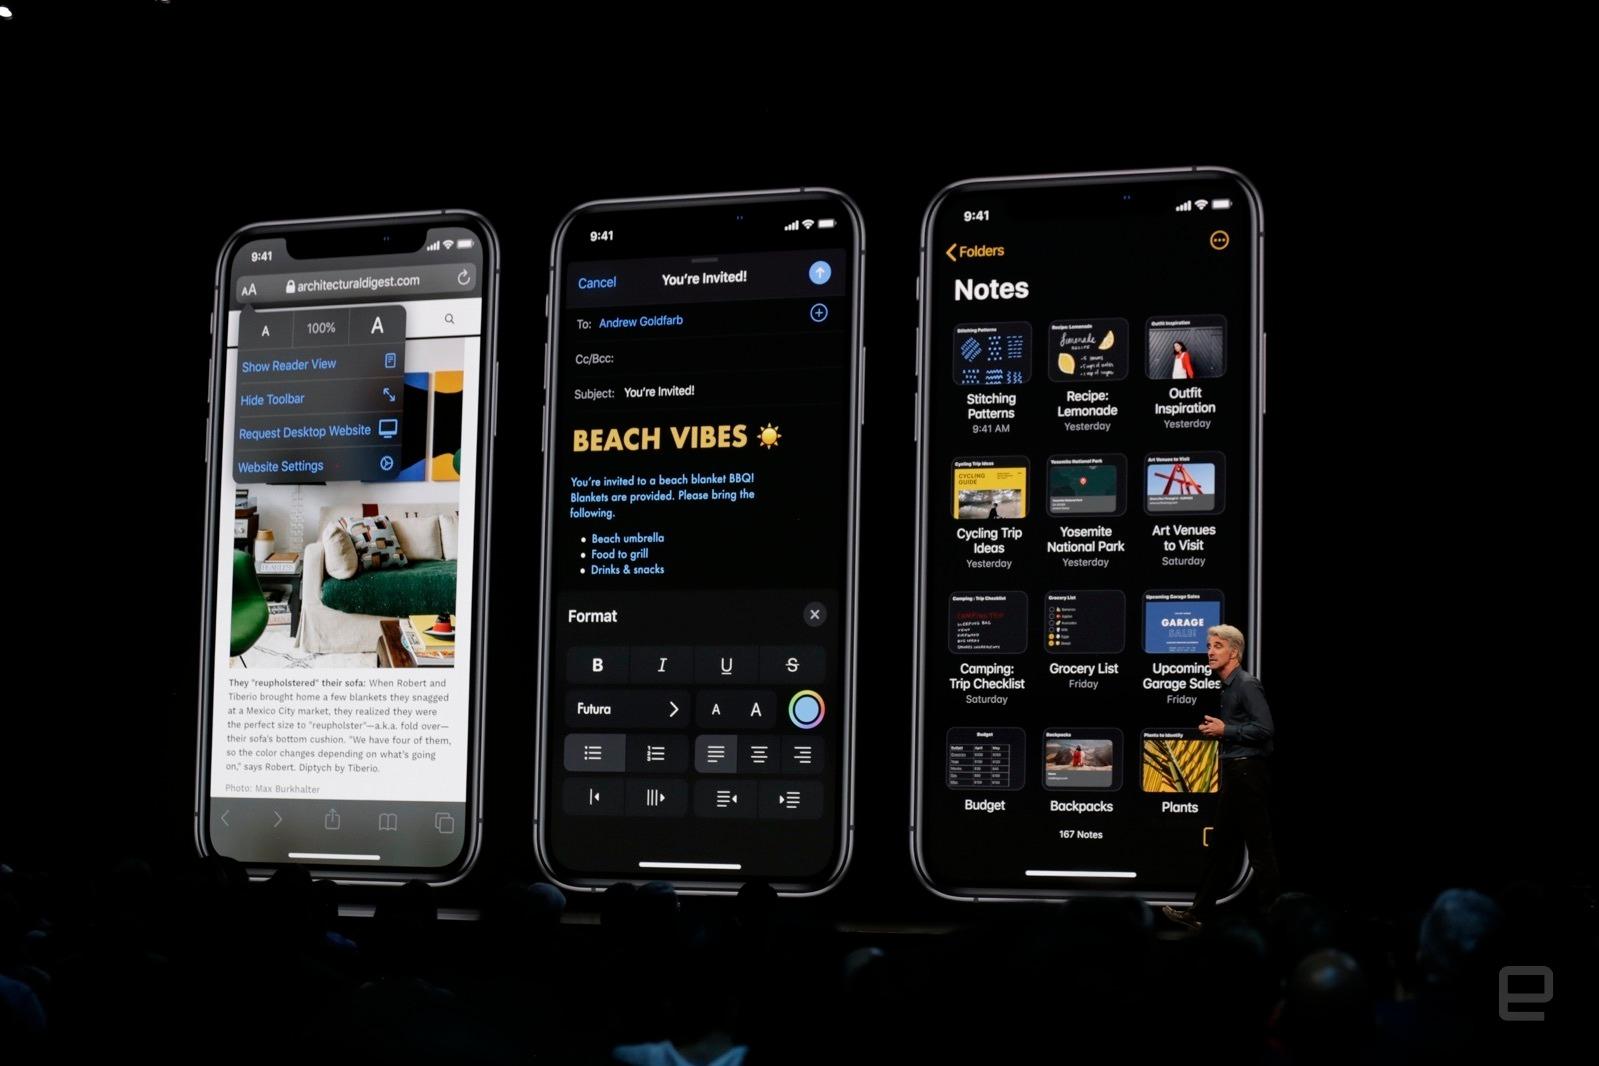 Apple chính thức công bố iOS 13 với nhiều cải tiến mới